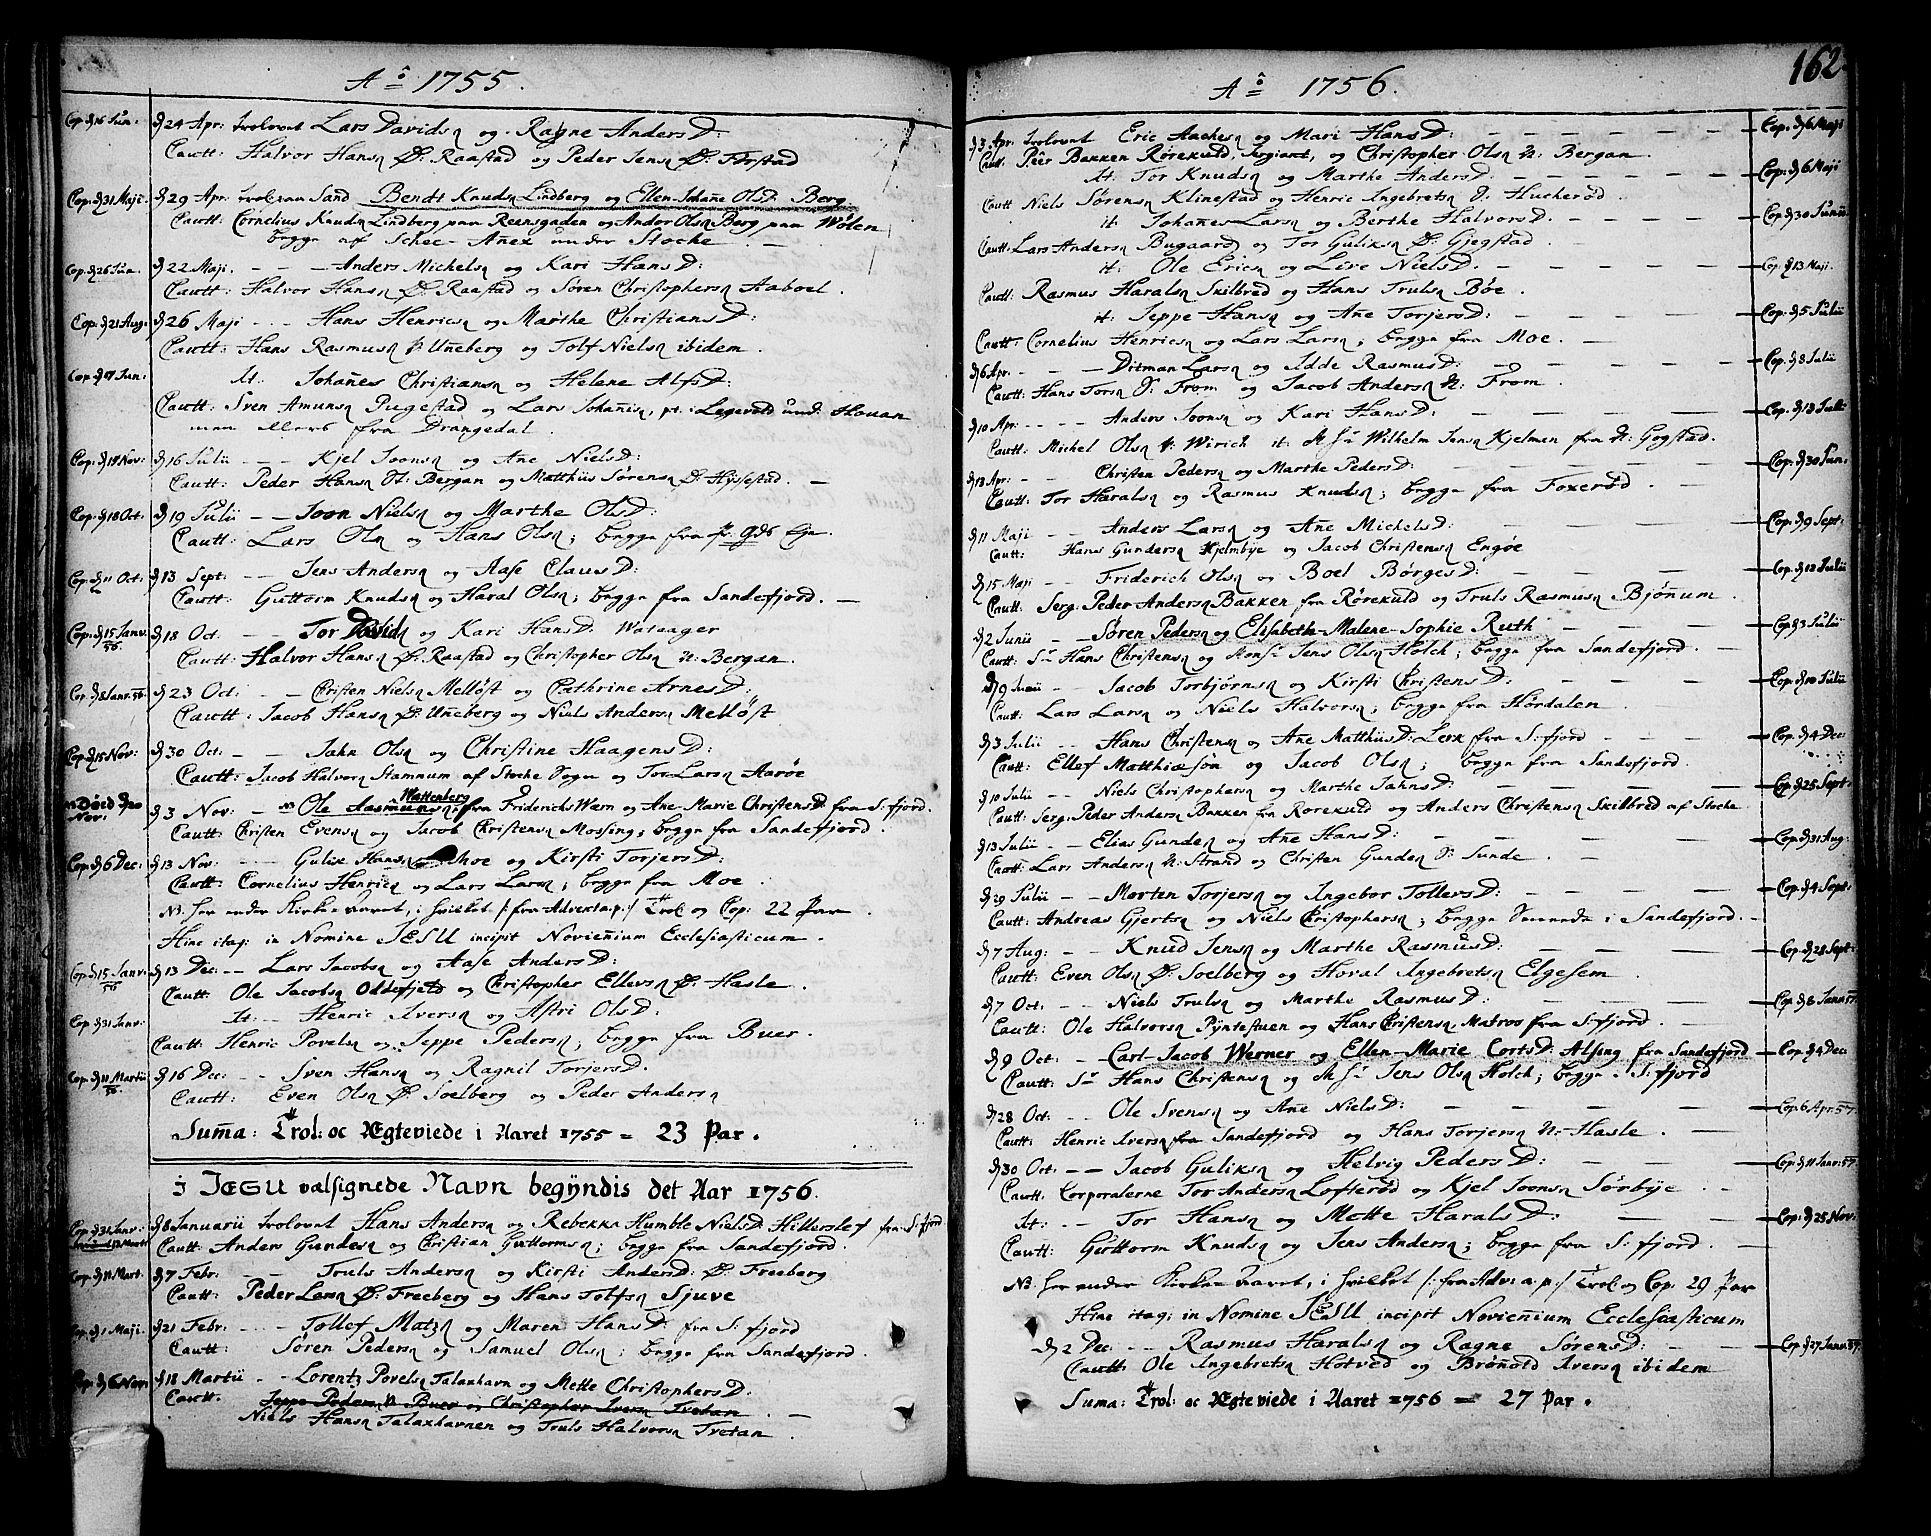 SAKO, Sandar kirkebøker, F/Fa/L0002: Ministerialbok nr. 2, 1733-1788, s. 162